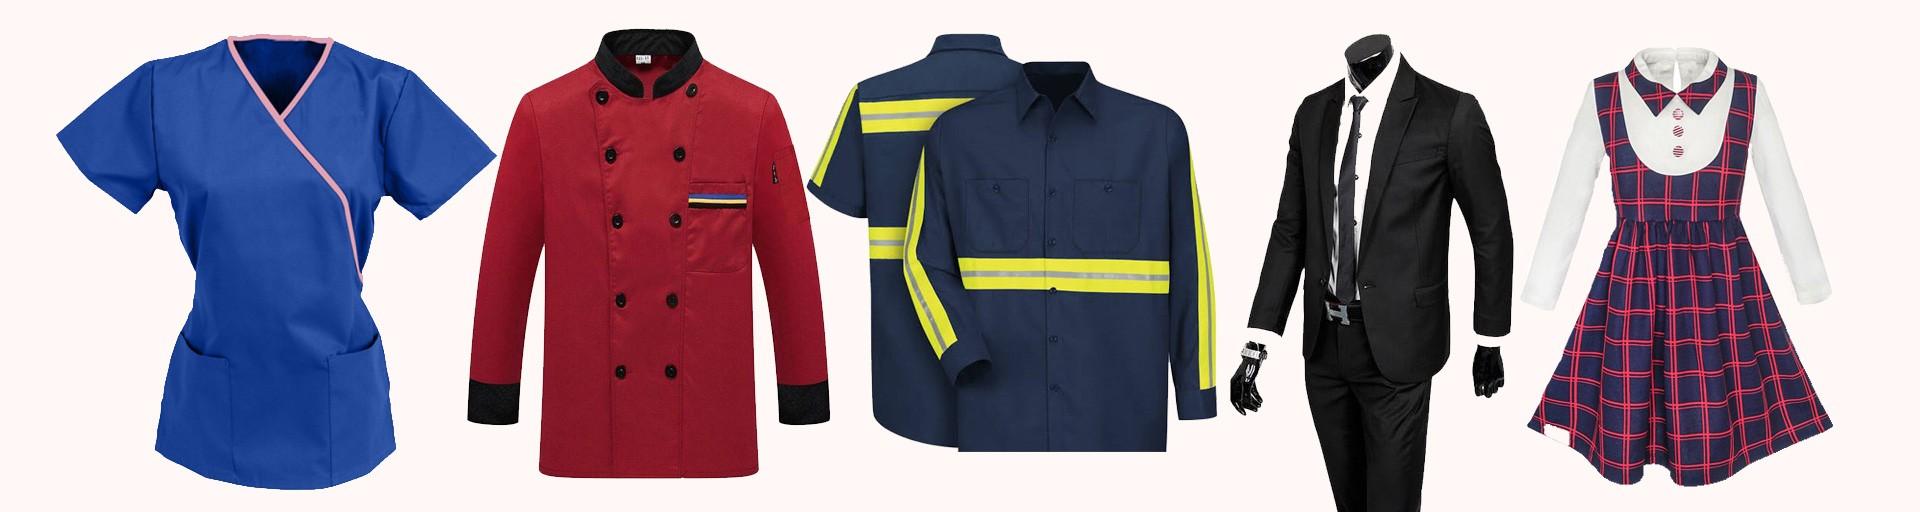 Poona Uniforms